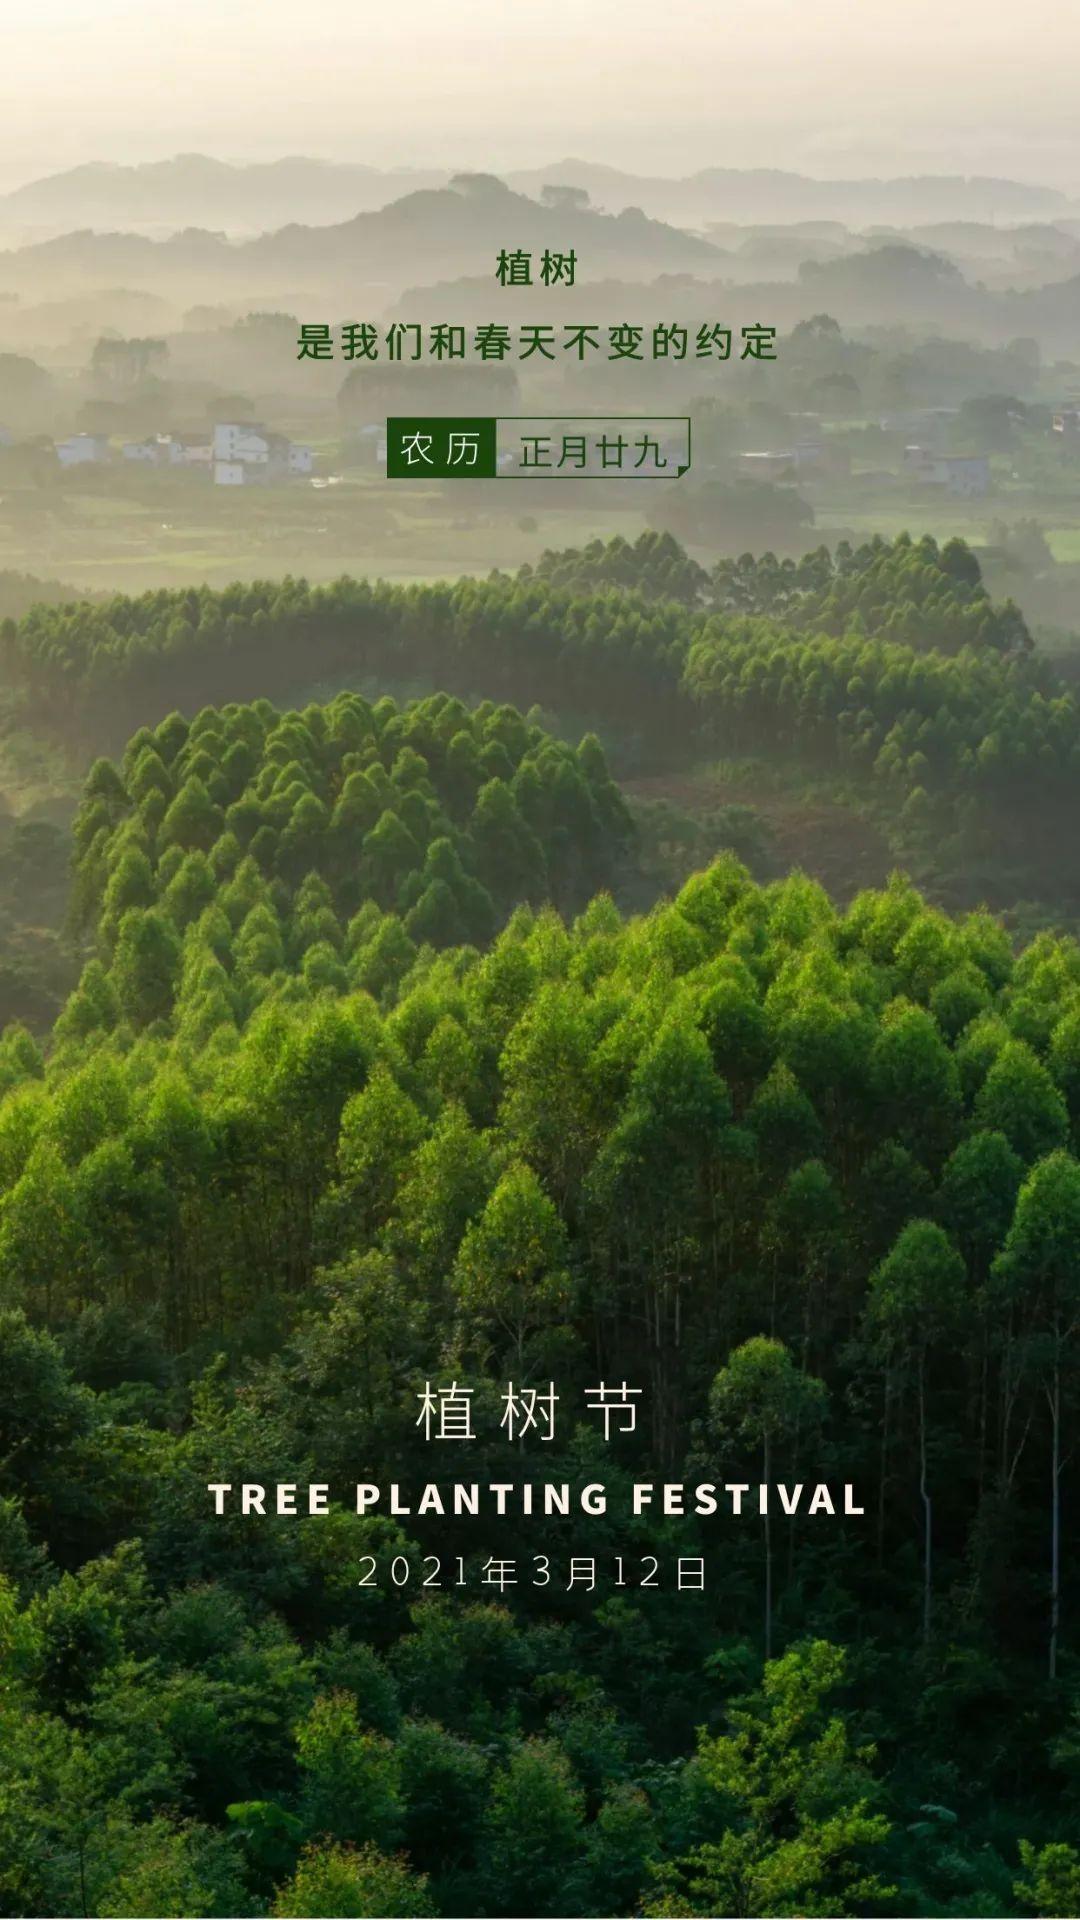 植树节文案、植树节海报宣传标语设计欣赏: 植树节, 你想栽在我心上?插图55